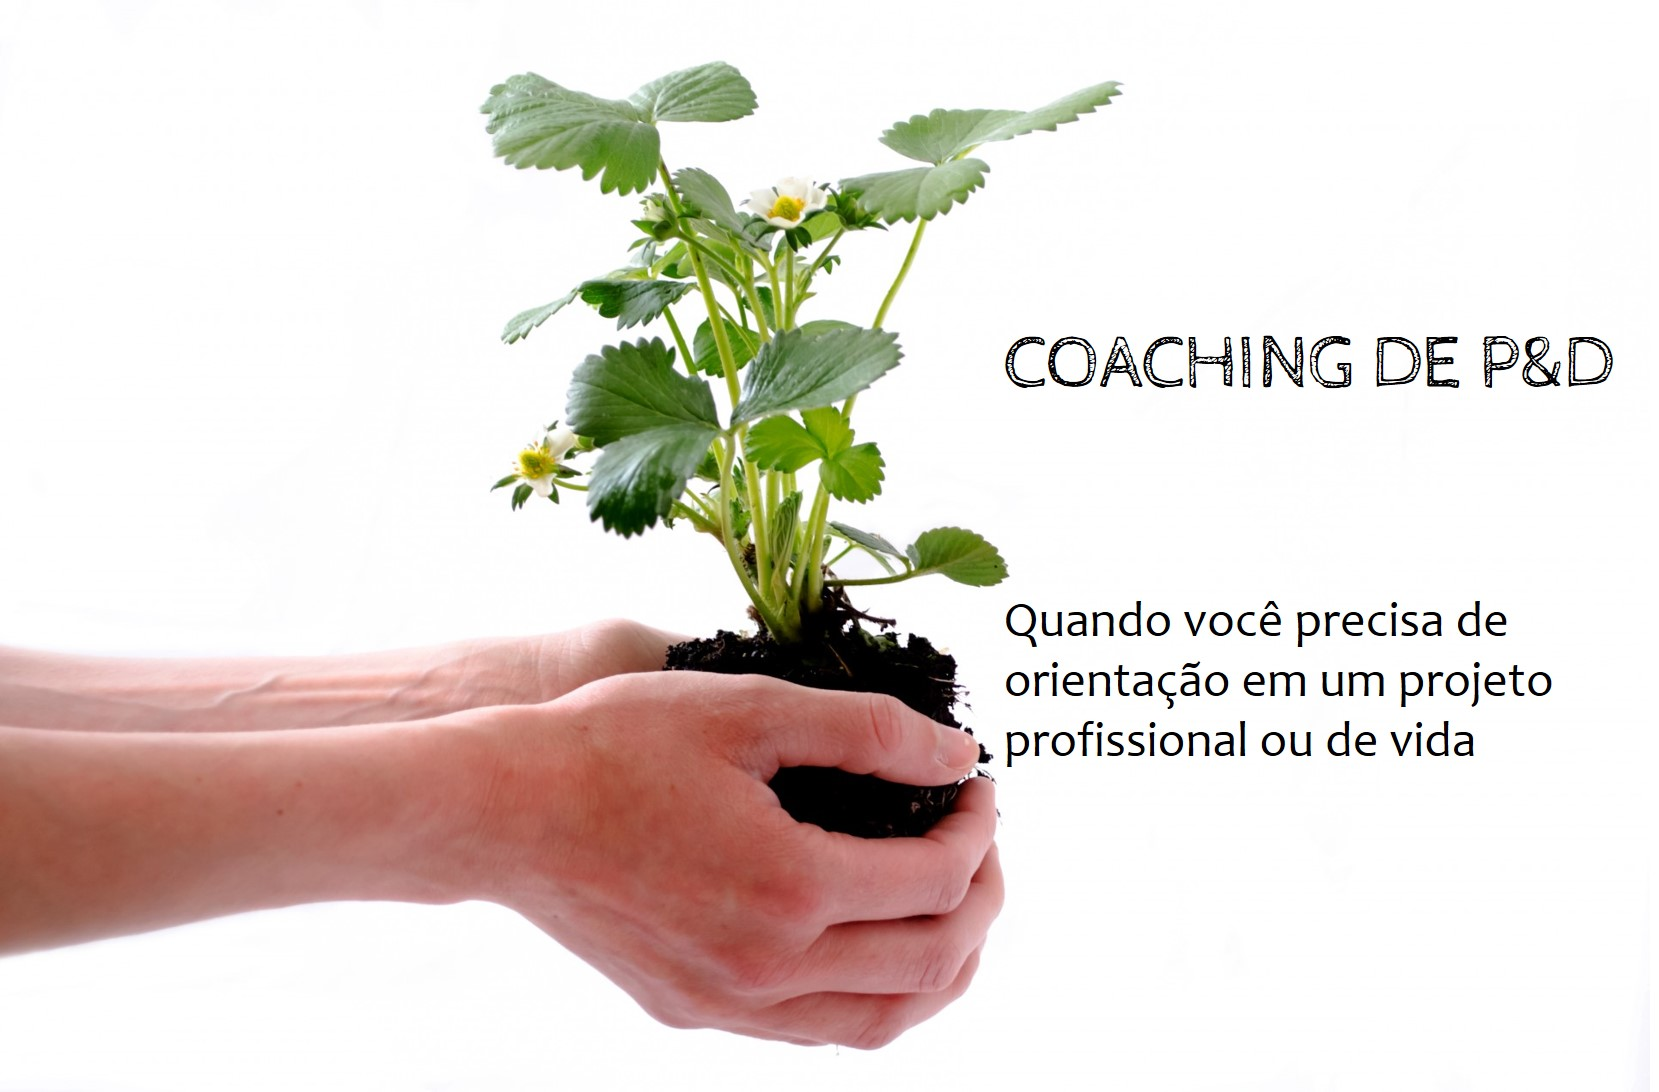 Coaching de PeD